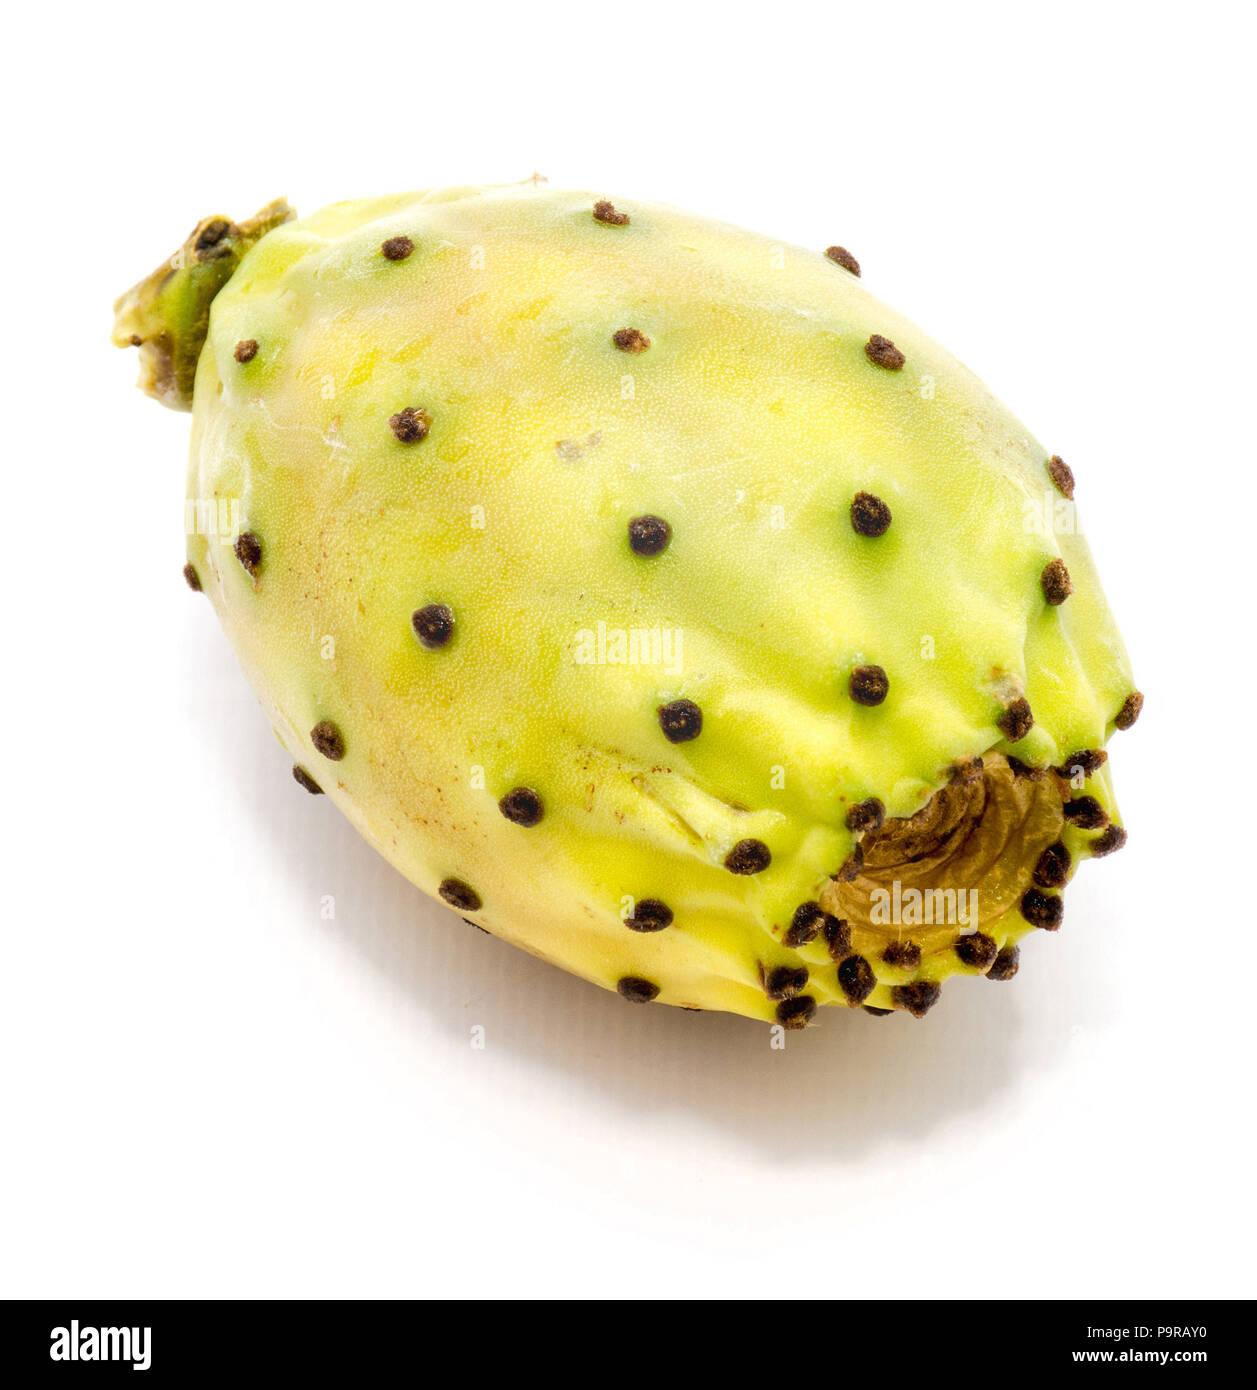 Ein ganzes grün gelb Feigenkaktus (Opuntia) auf weißem Hintergrund Stockbild